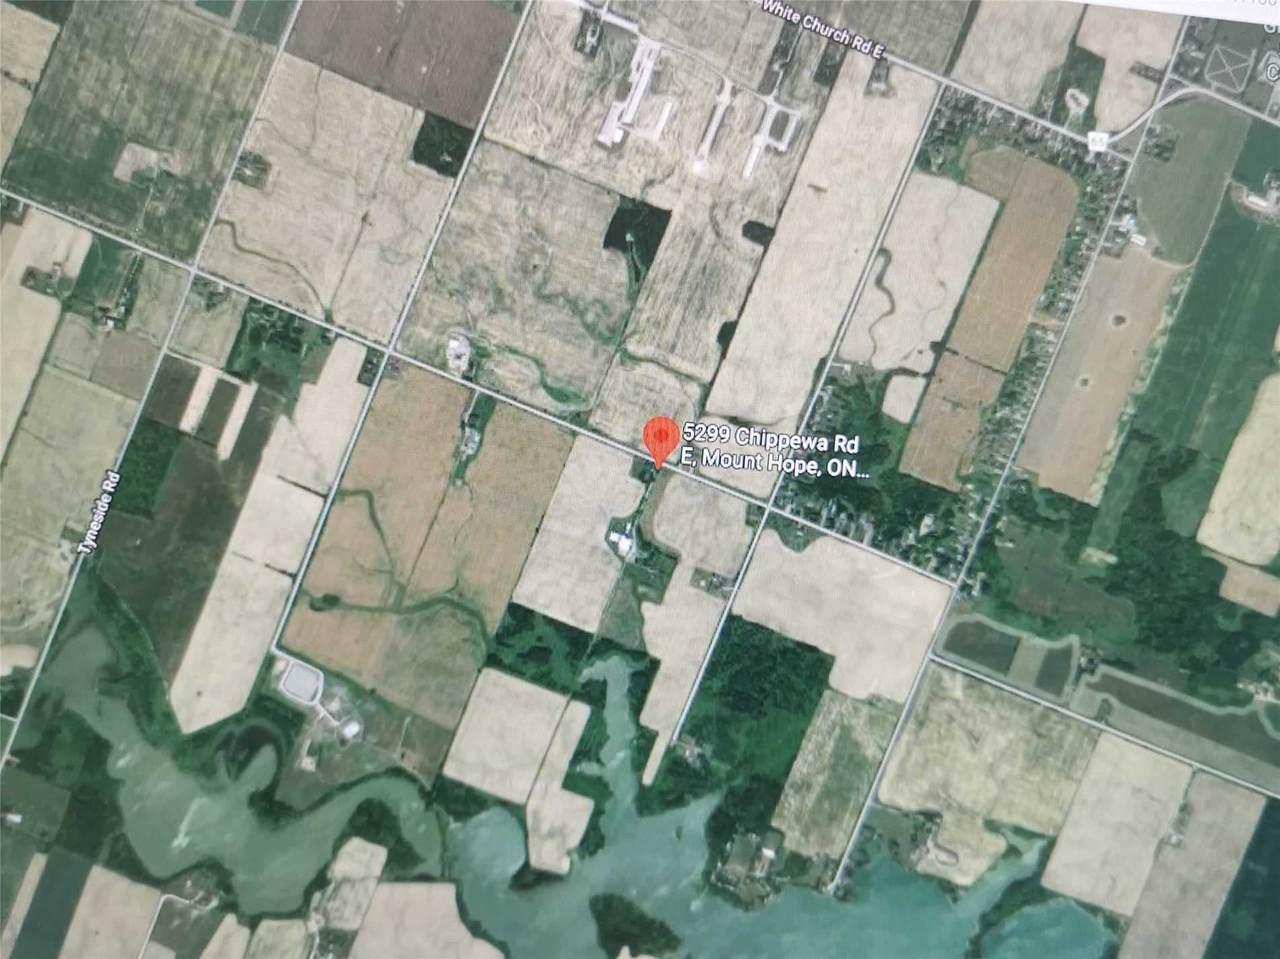 5299 Chippewa Rd - Photo 1